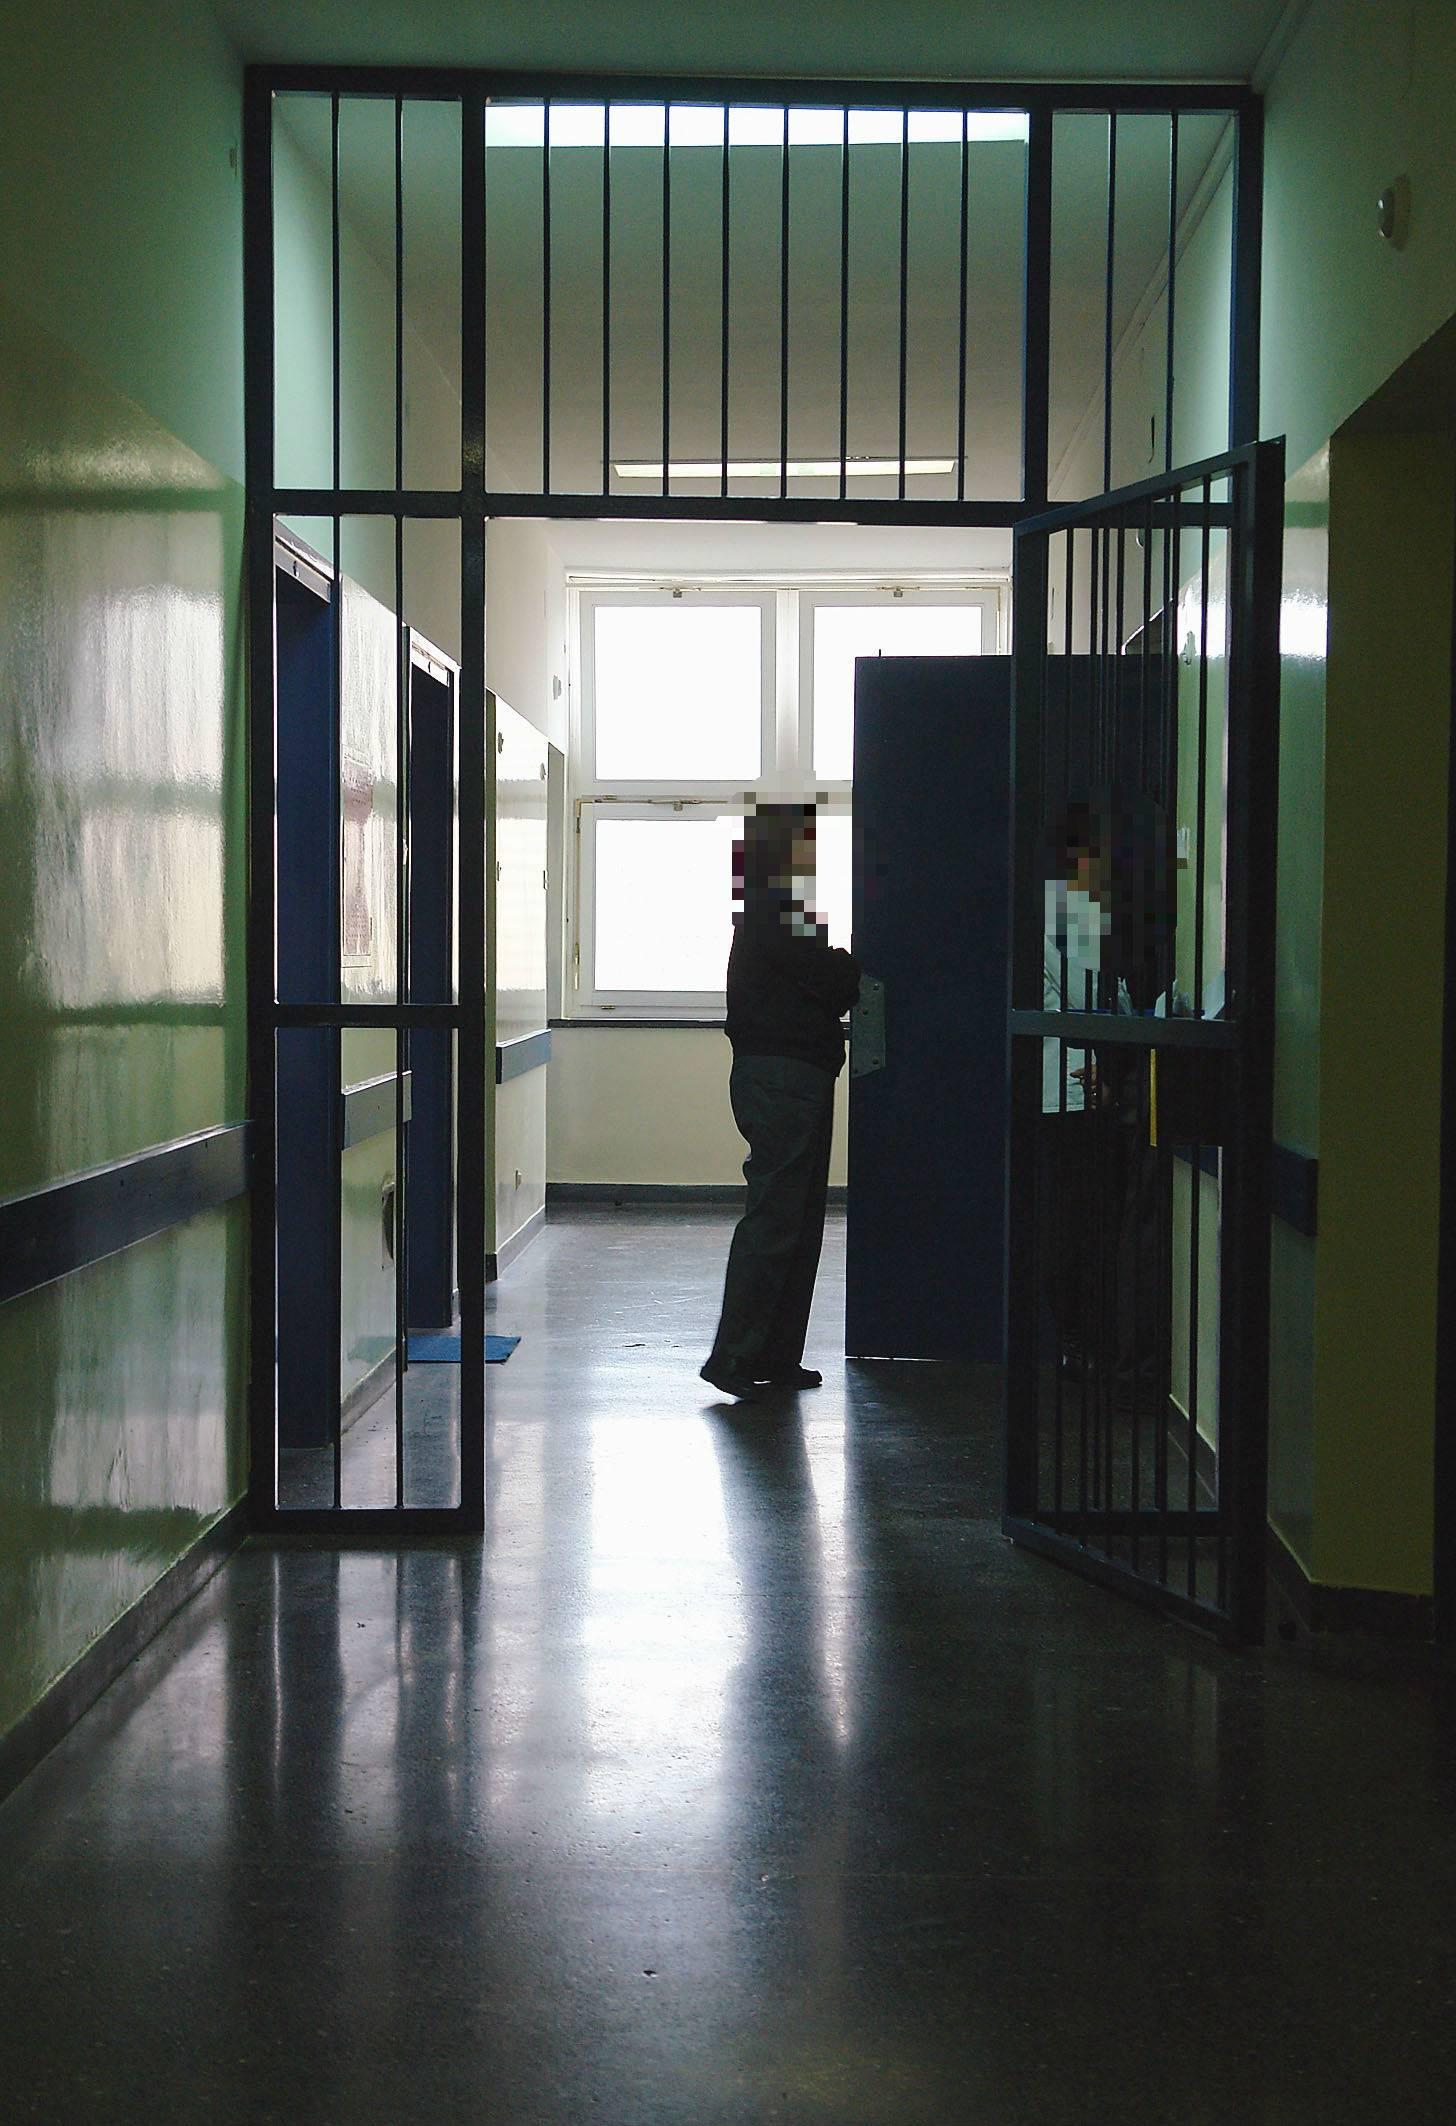 Užas u bolnici: Seksualno je zlostavljao zatvorenika (26)